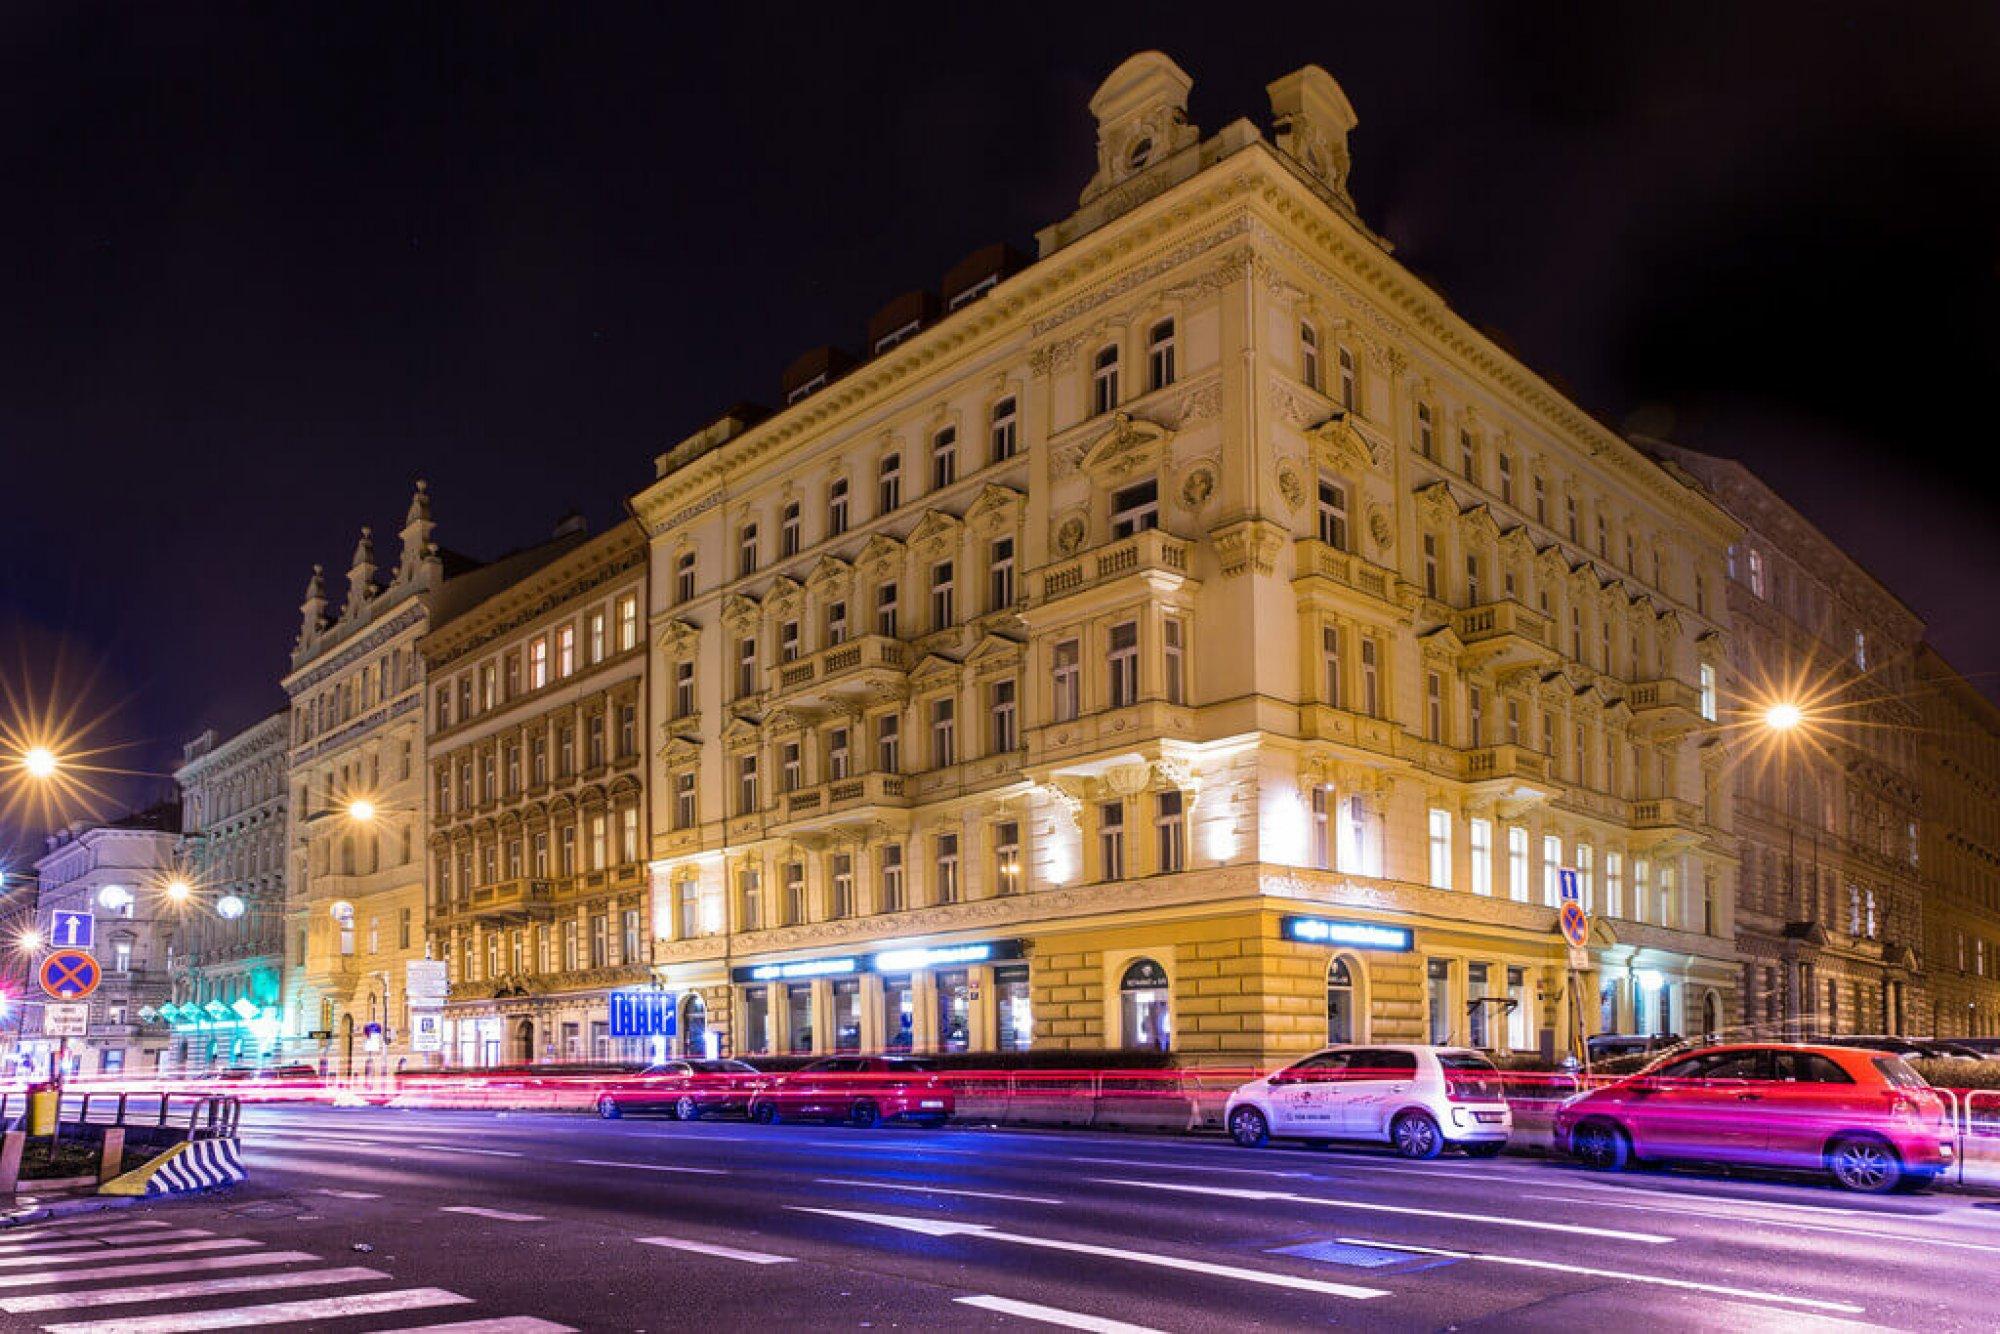 Noční pohled - Půdní byt 1+kk, plocha 28 m², ulice Tyršova, Praha 2 - Nové Město | 3